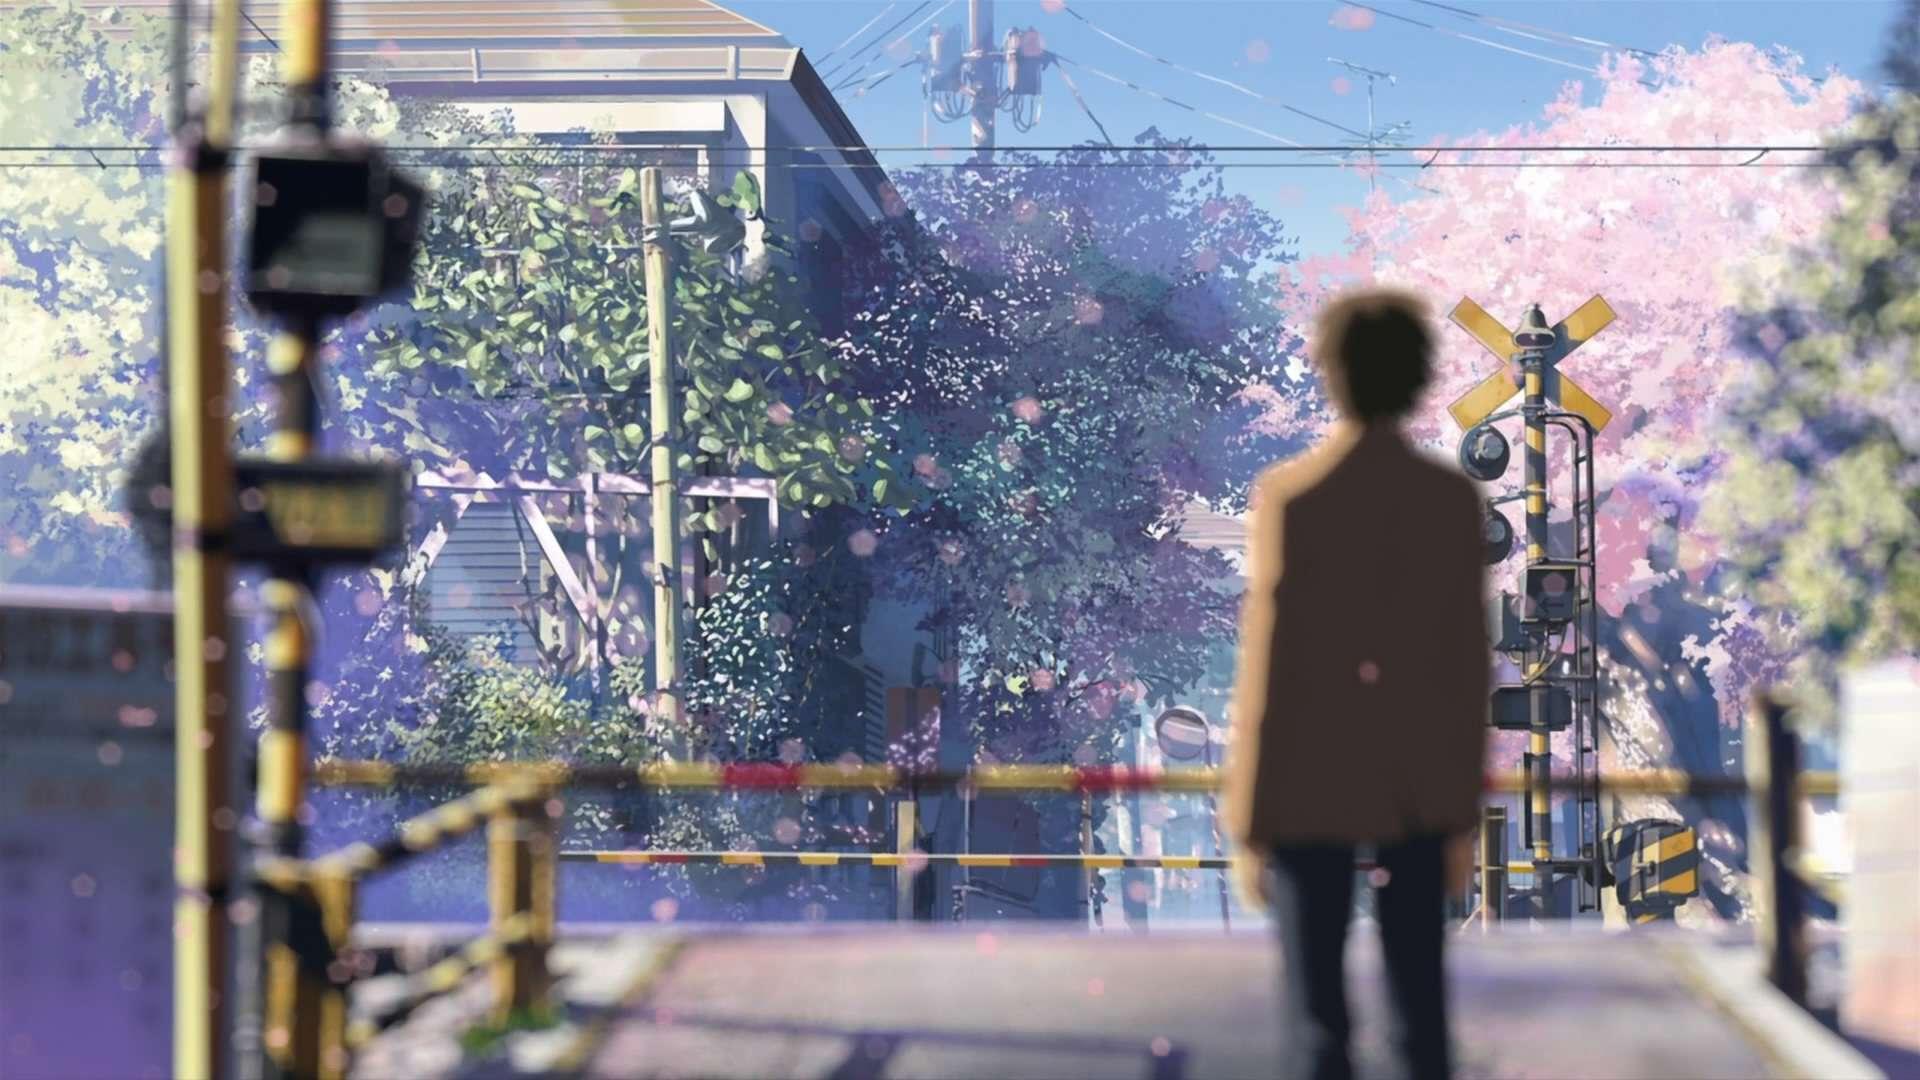 Inilah 10 Hubungan LDR Terfavorit Di Anime Yang Nomor 9